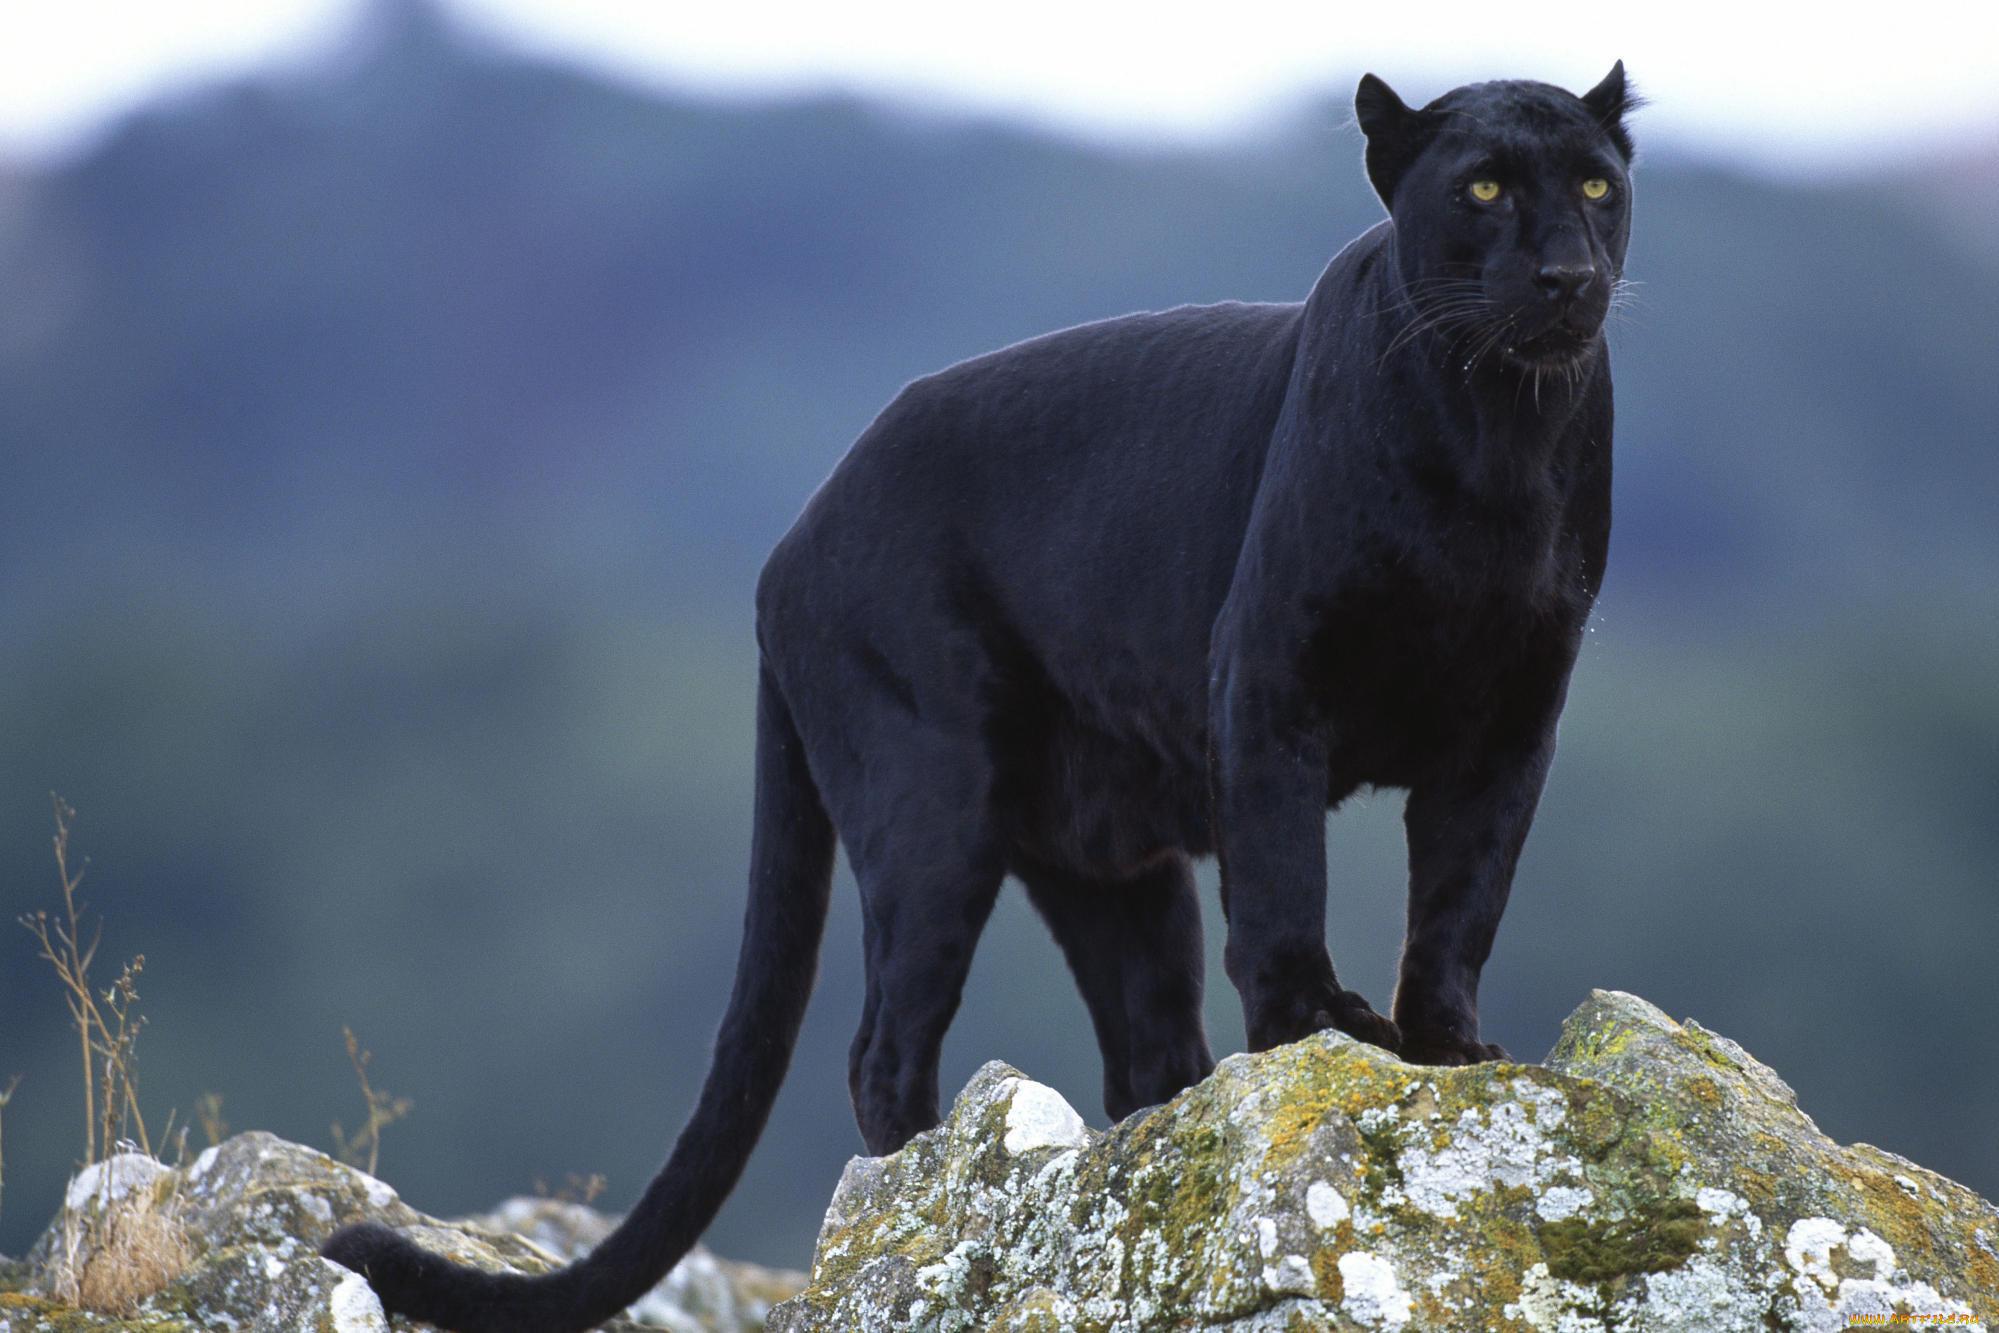 пума животное фото черная пума этом изображении